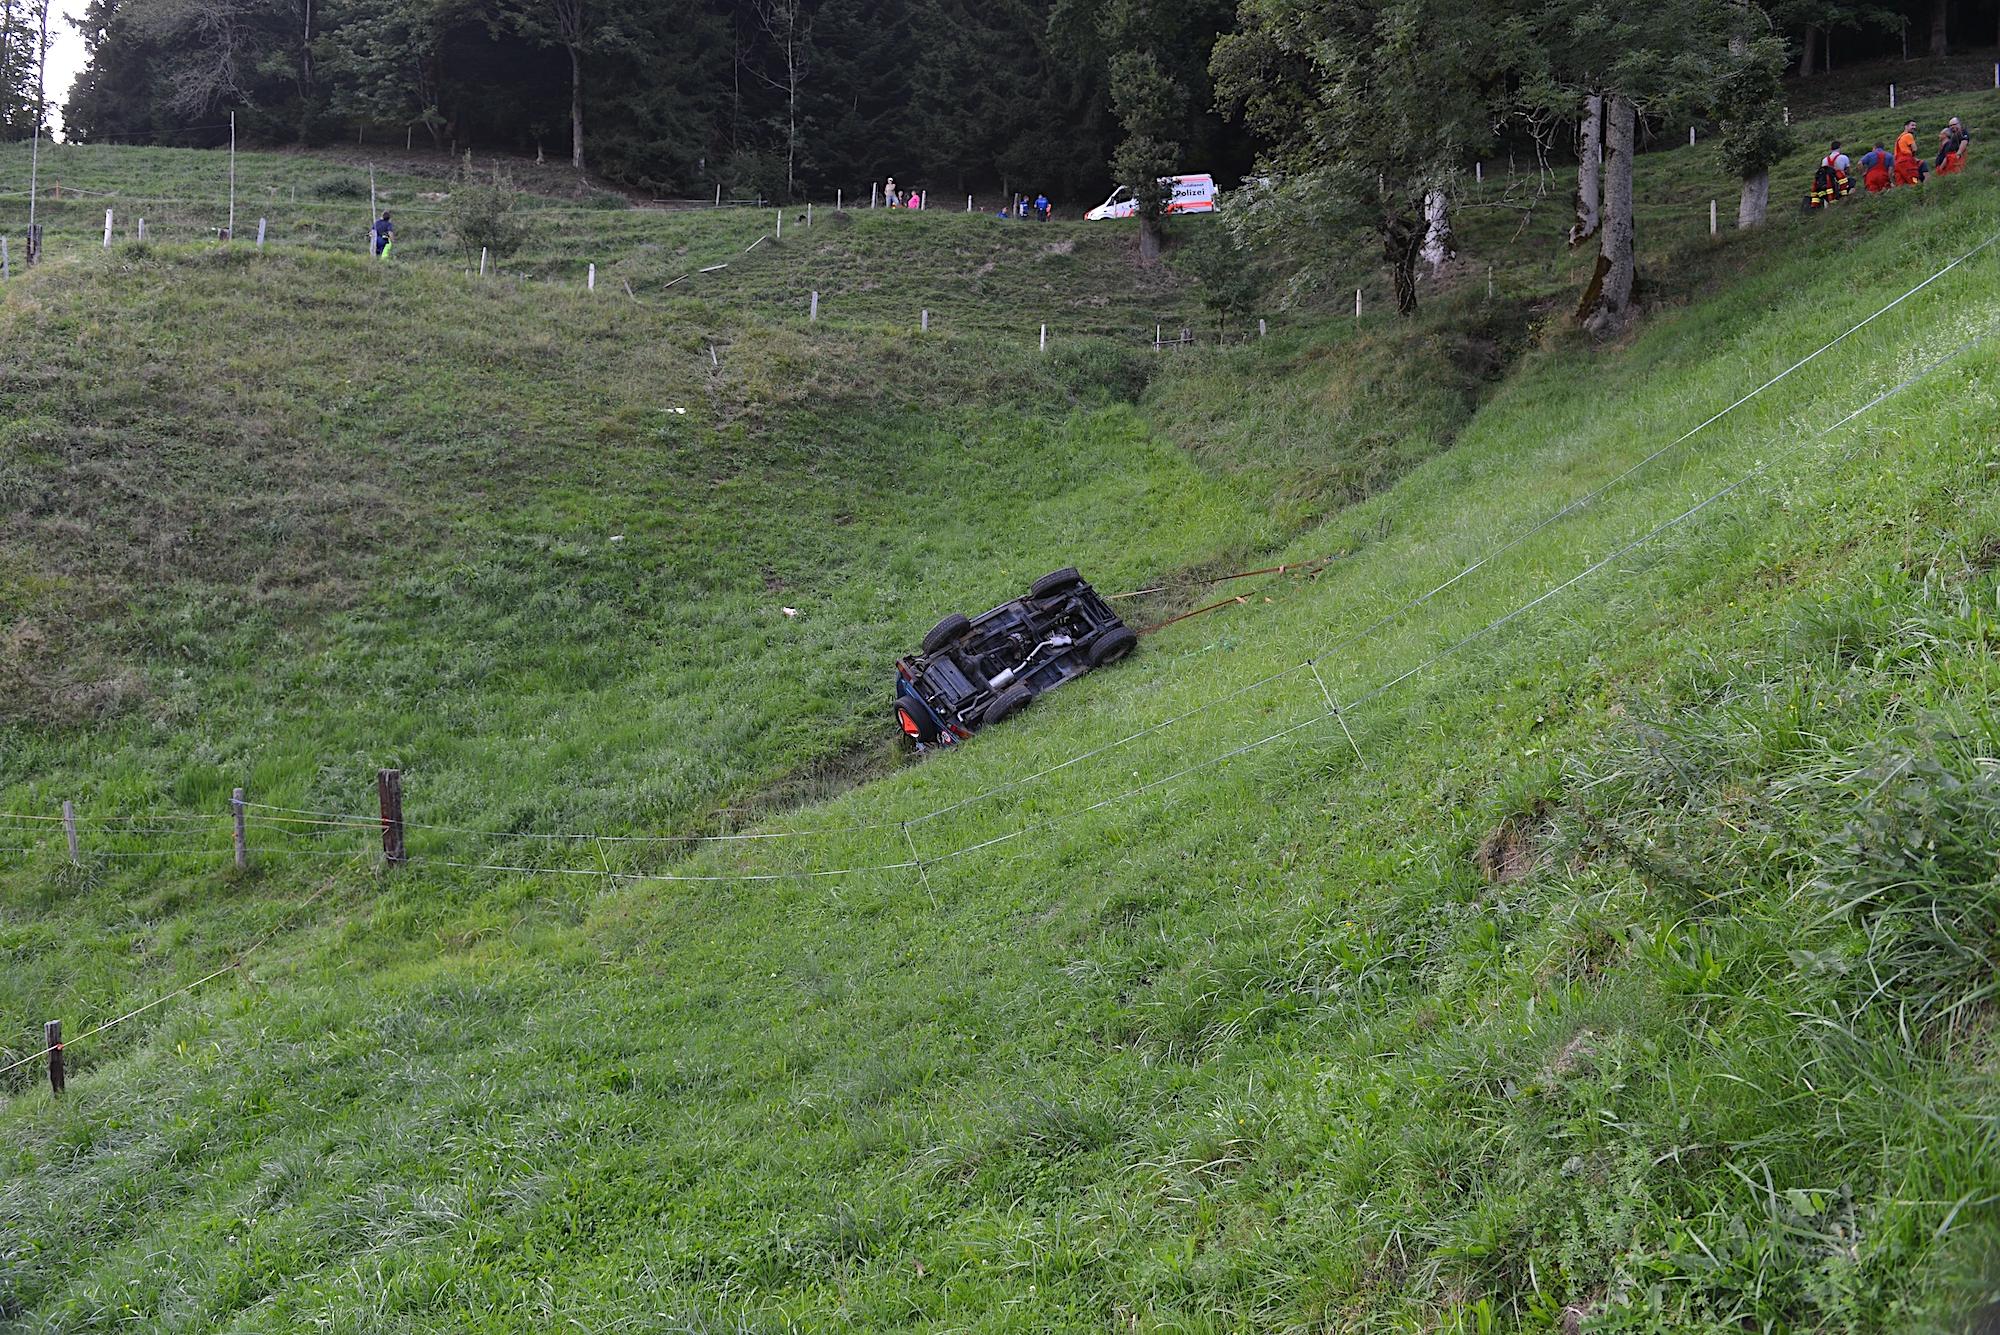 Mitten ins Wiesland abestürzt war der Wagen, nachdem er von der Strasse abgekommen war. Die 89-jähirge Beifahrerin verunglückte tödlich.